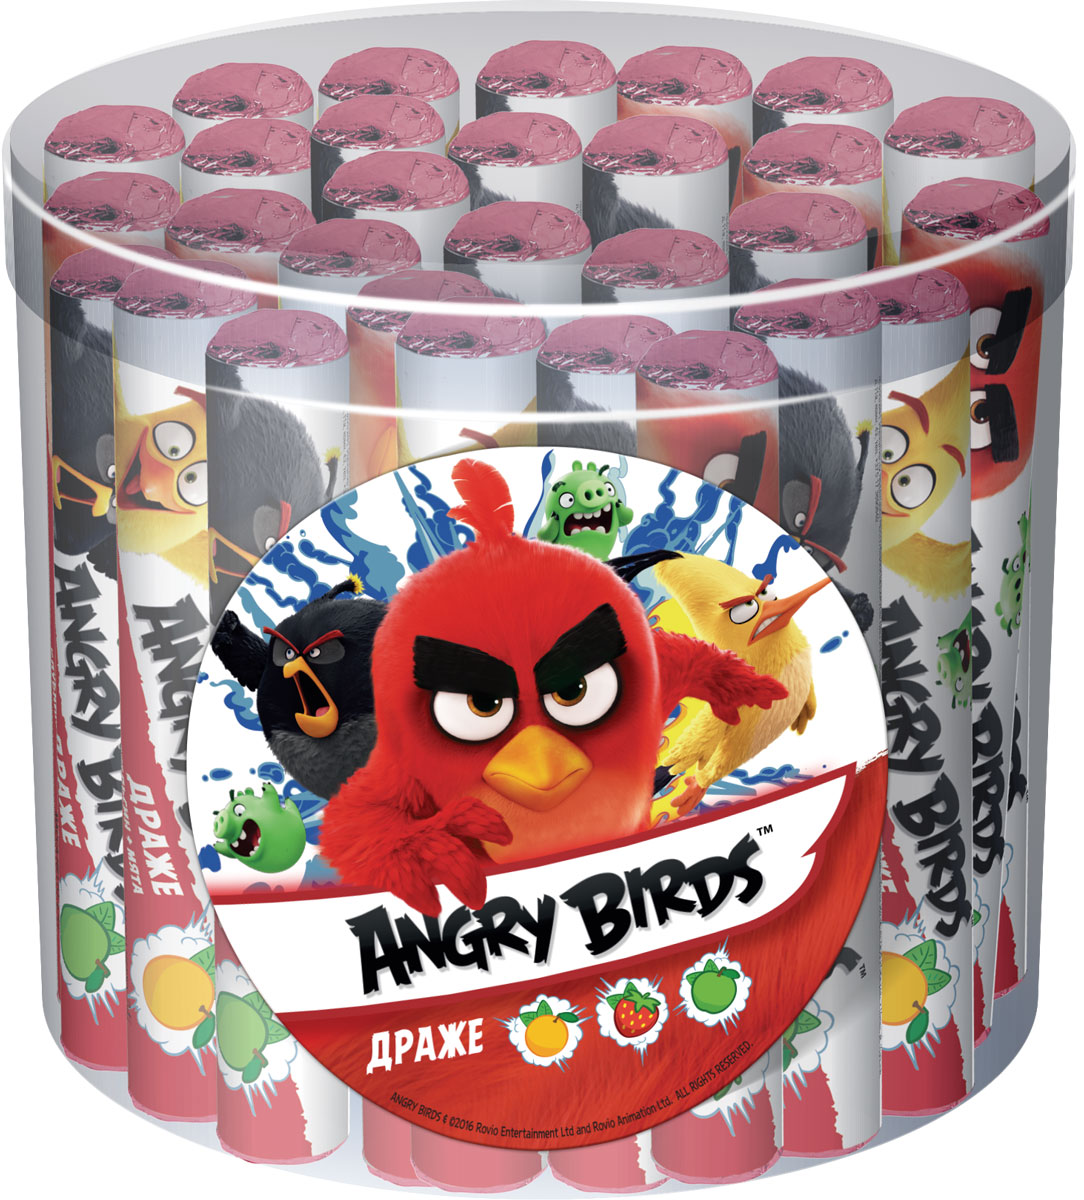 Angry Birds Movie драже освежающее, 24 шт по 24 г